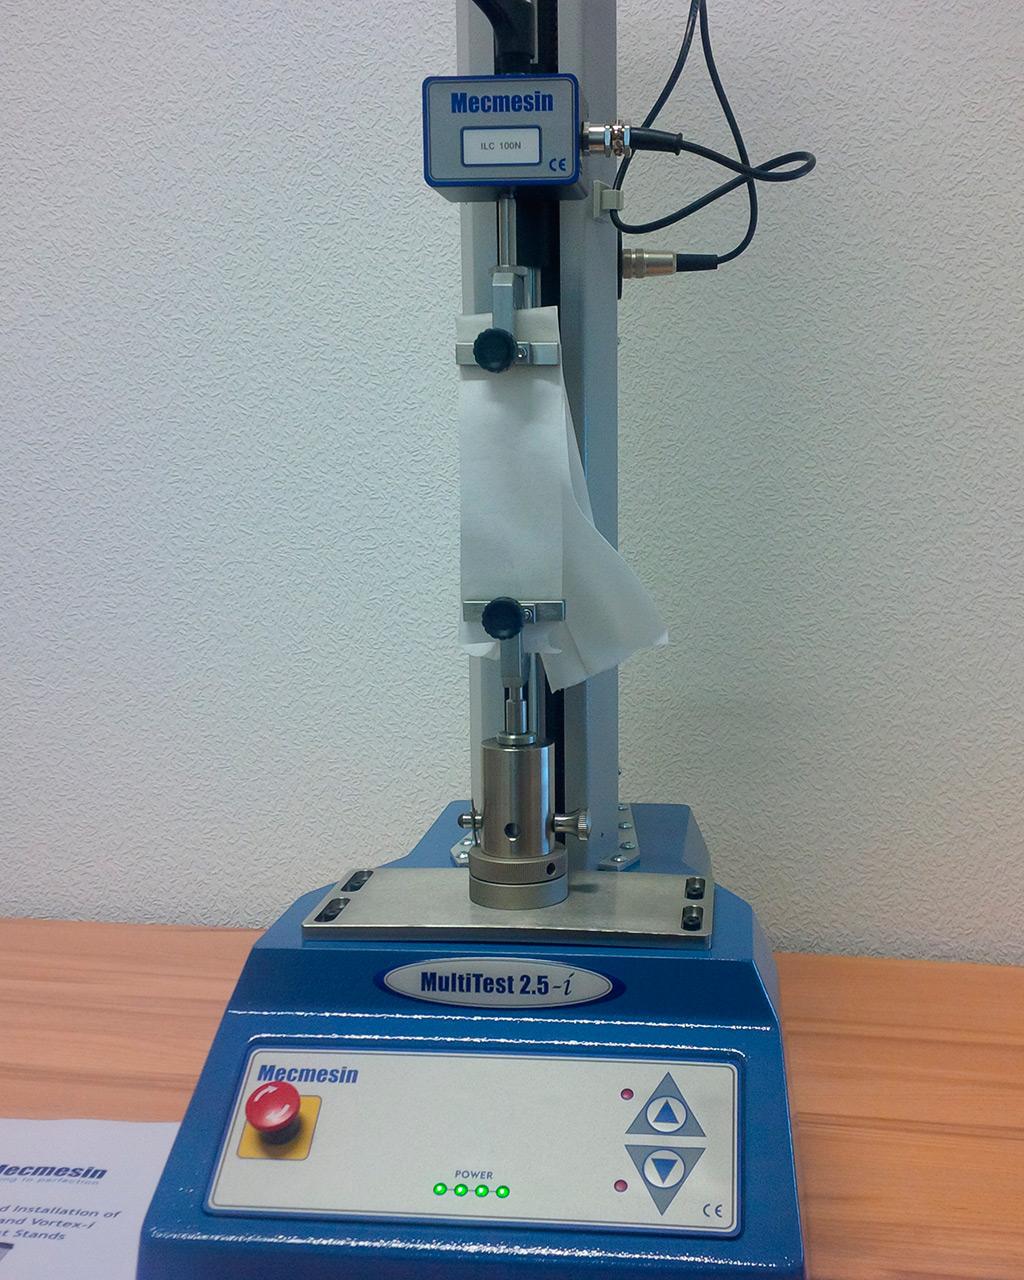 Mecmesin Multitest. Определение прочности на растяжение, растяжения при разрыве и поглощения энергии при растяжении по ISO 12625-4